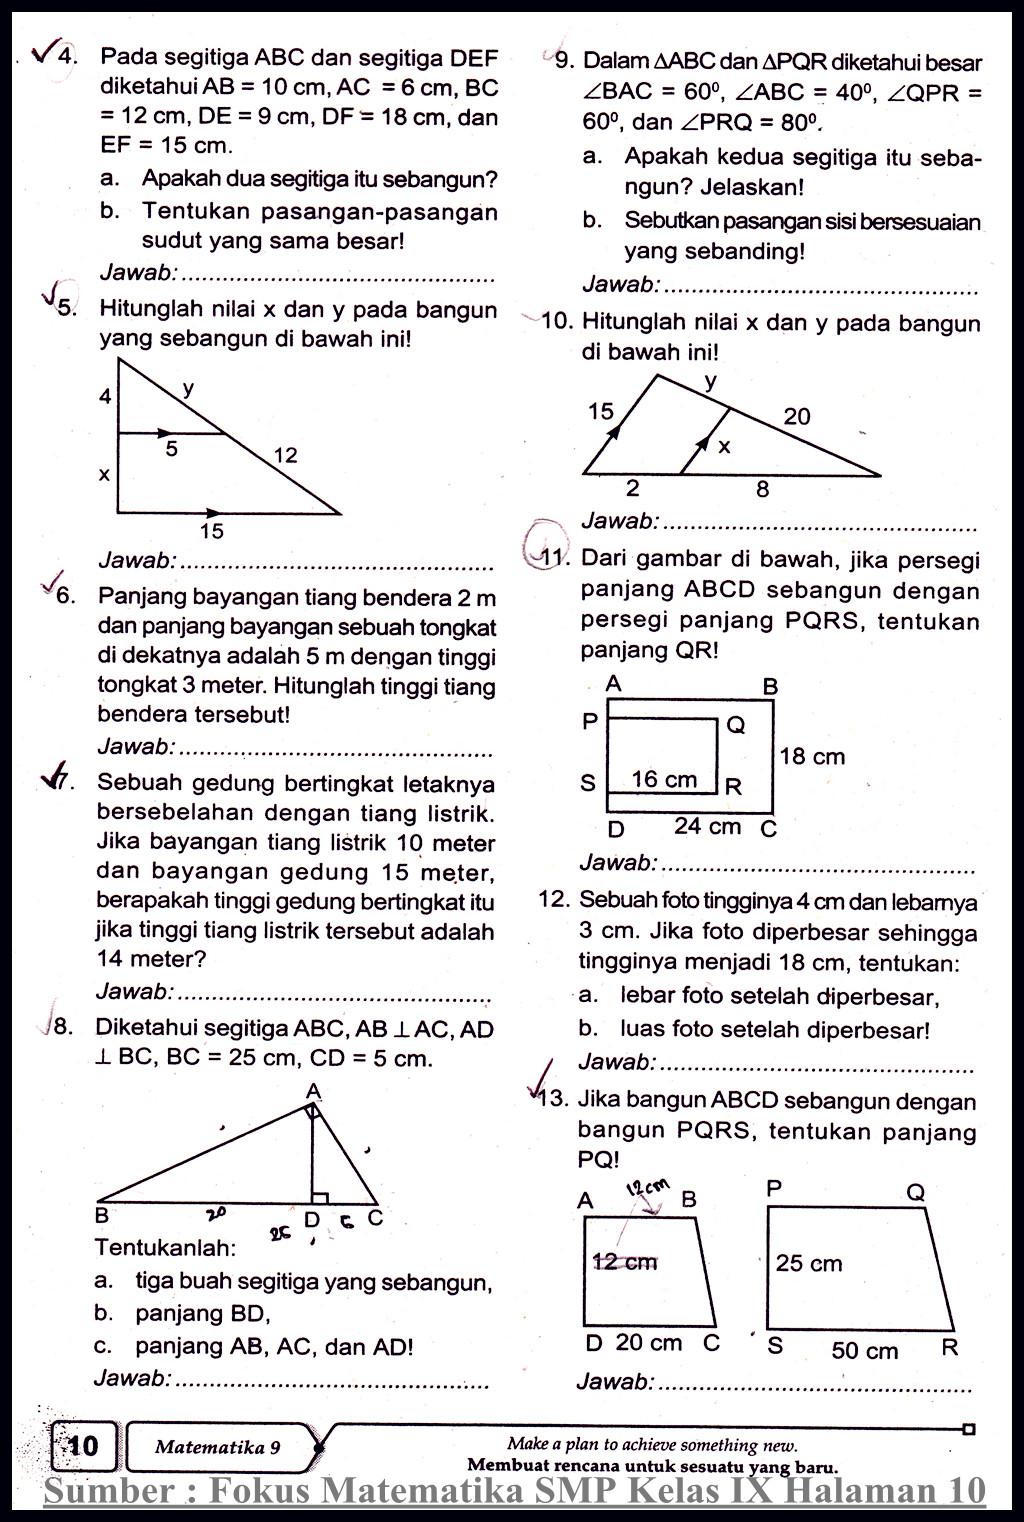 Contoh Ptk Bahasa Indonesia Smp Kelas 8 Ptk Bahasa Indonesia Sd Kelas 1 Sarjanaku Ptk Bahasa Inggris Smp Kelas 7 Penelitian Tindakan Kelas Share The